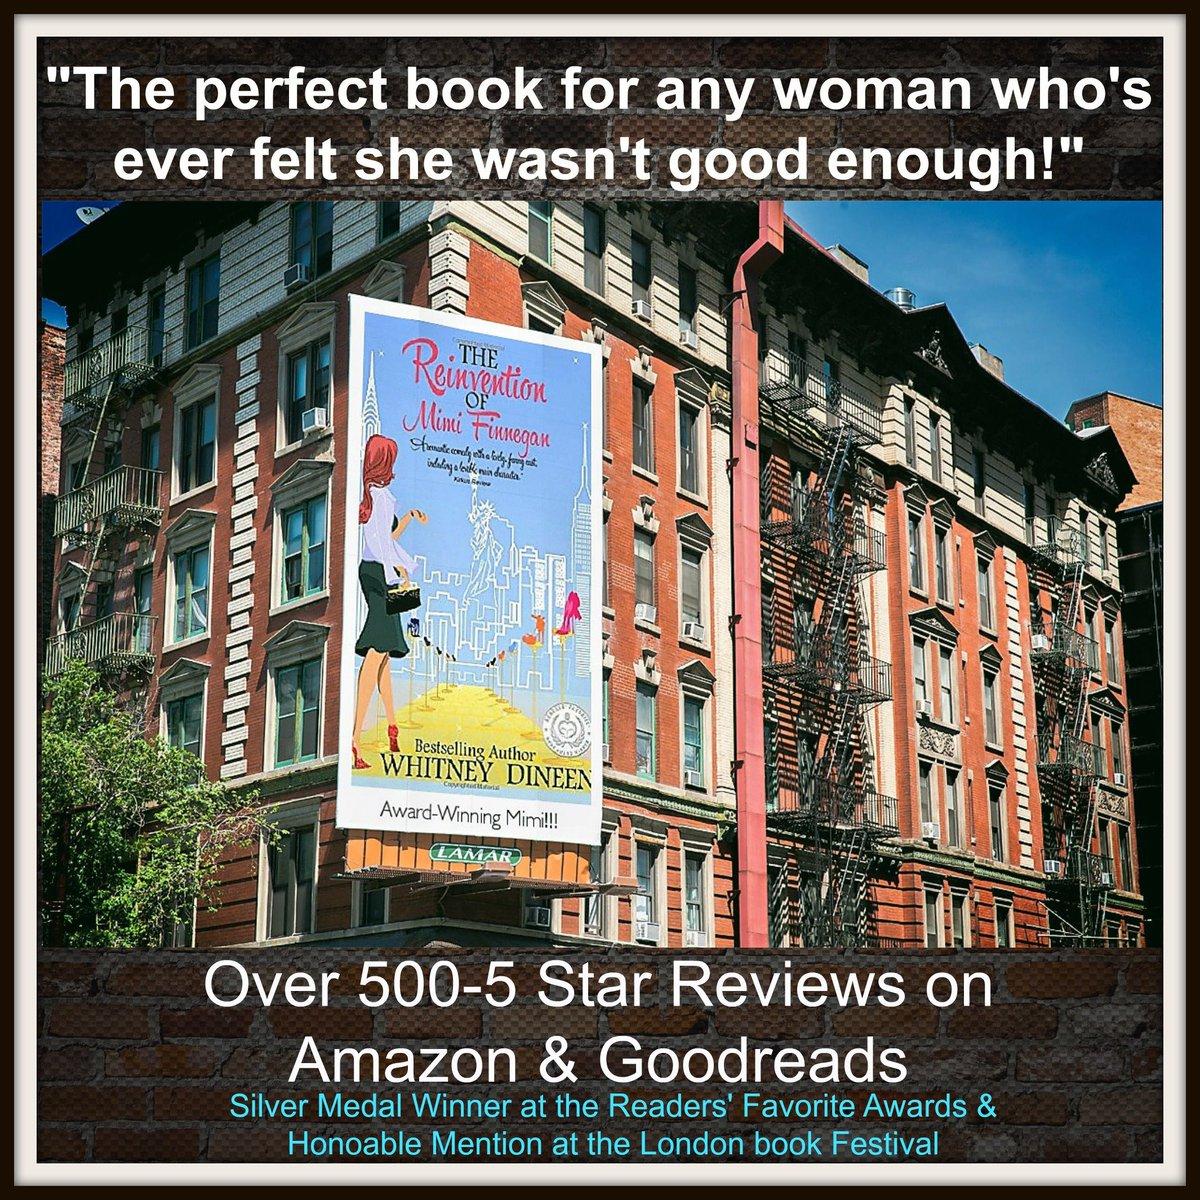 &quot;Move over Bridget Jones!&quot;@ReadersFavorite 5-stars  http:// amzn.to/2rlB7EG  &nbsp;    #mustread #bestread #fridayreads #FridayMotivation #ChickLitMay<br>http://pic.twitter.com/Pr9gVToDRv